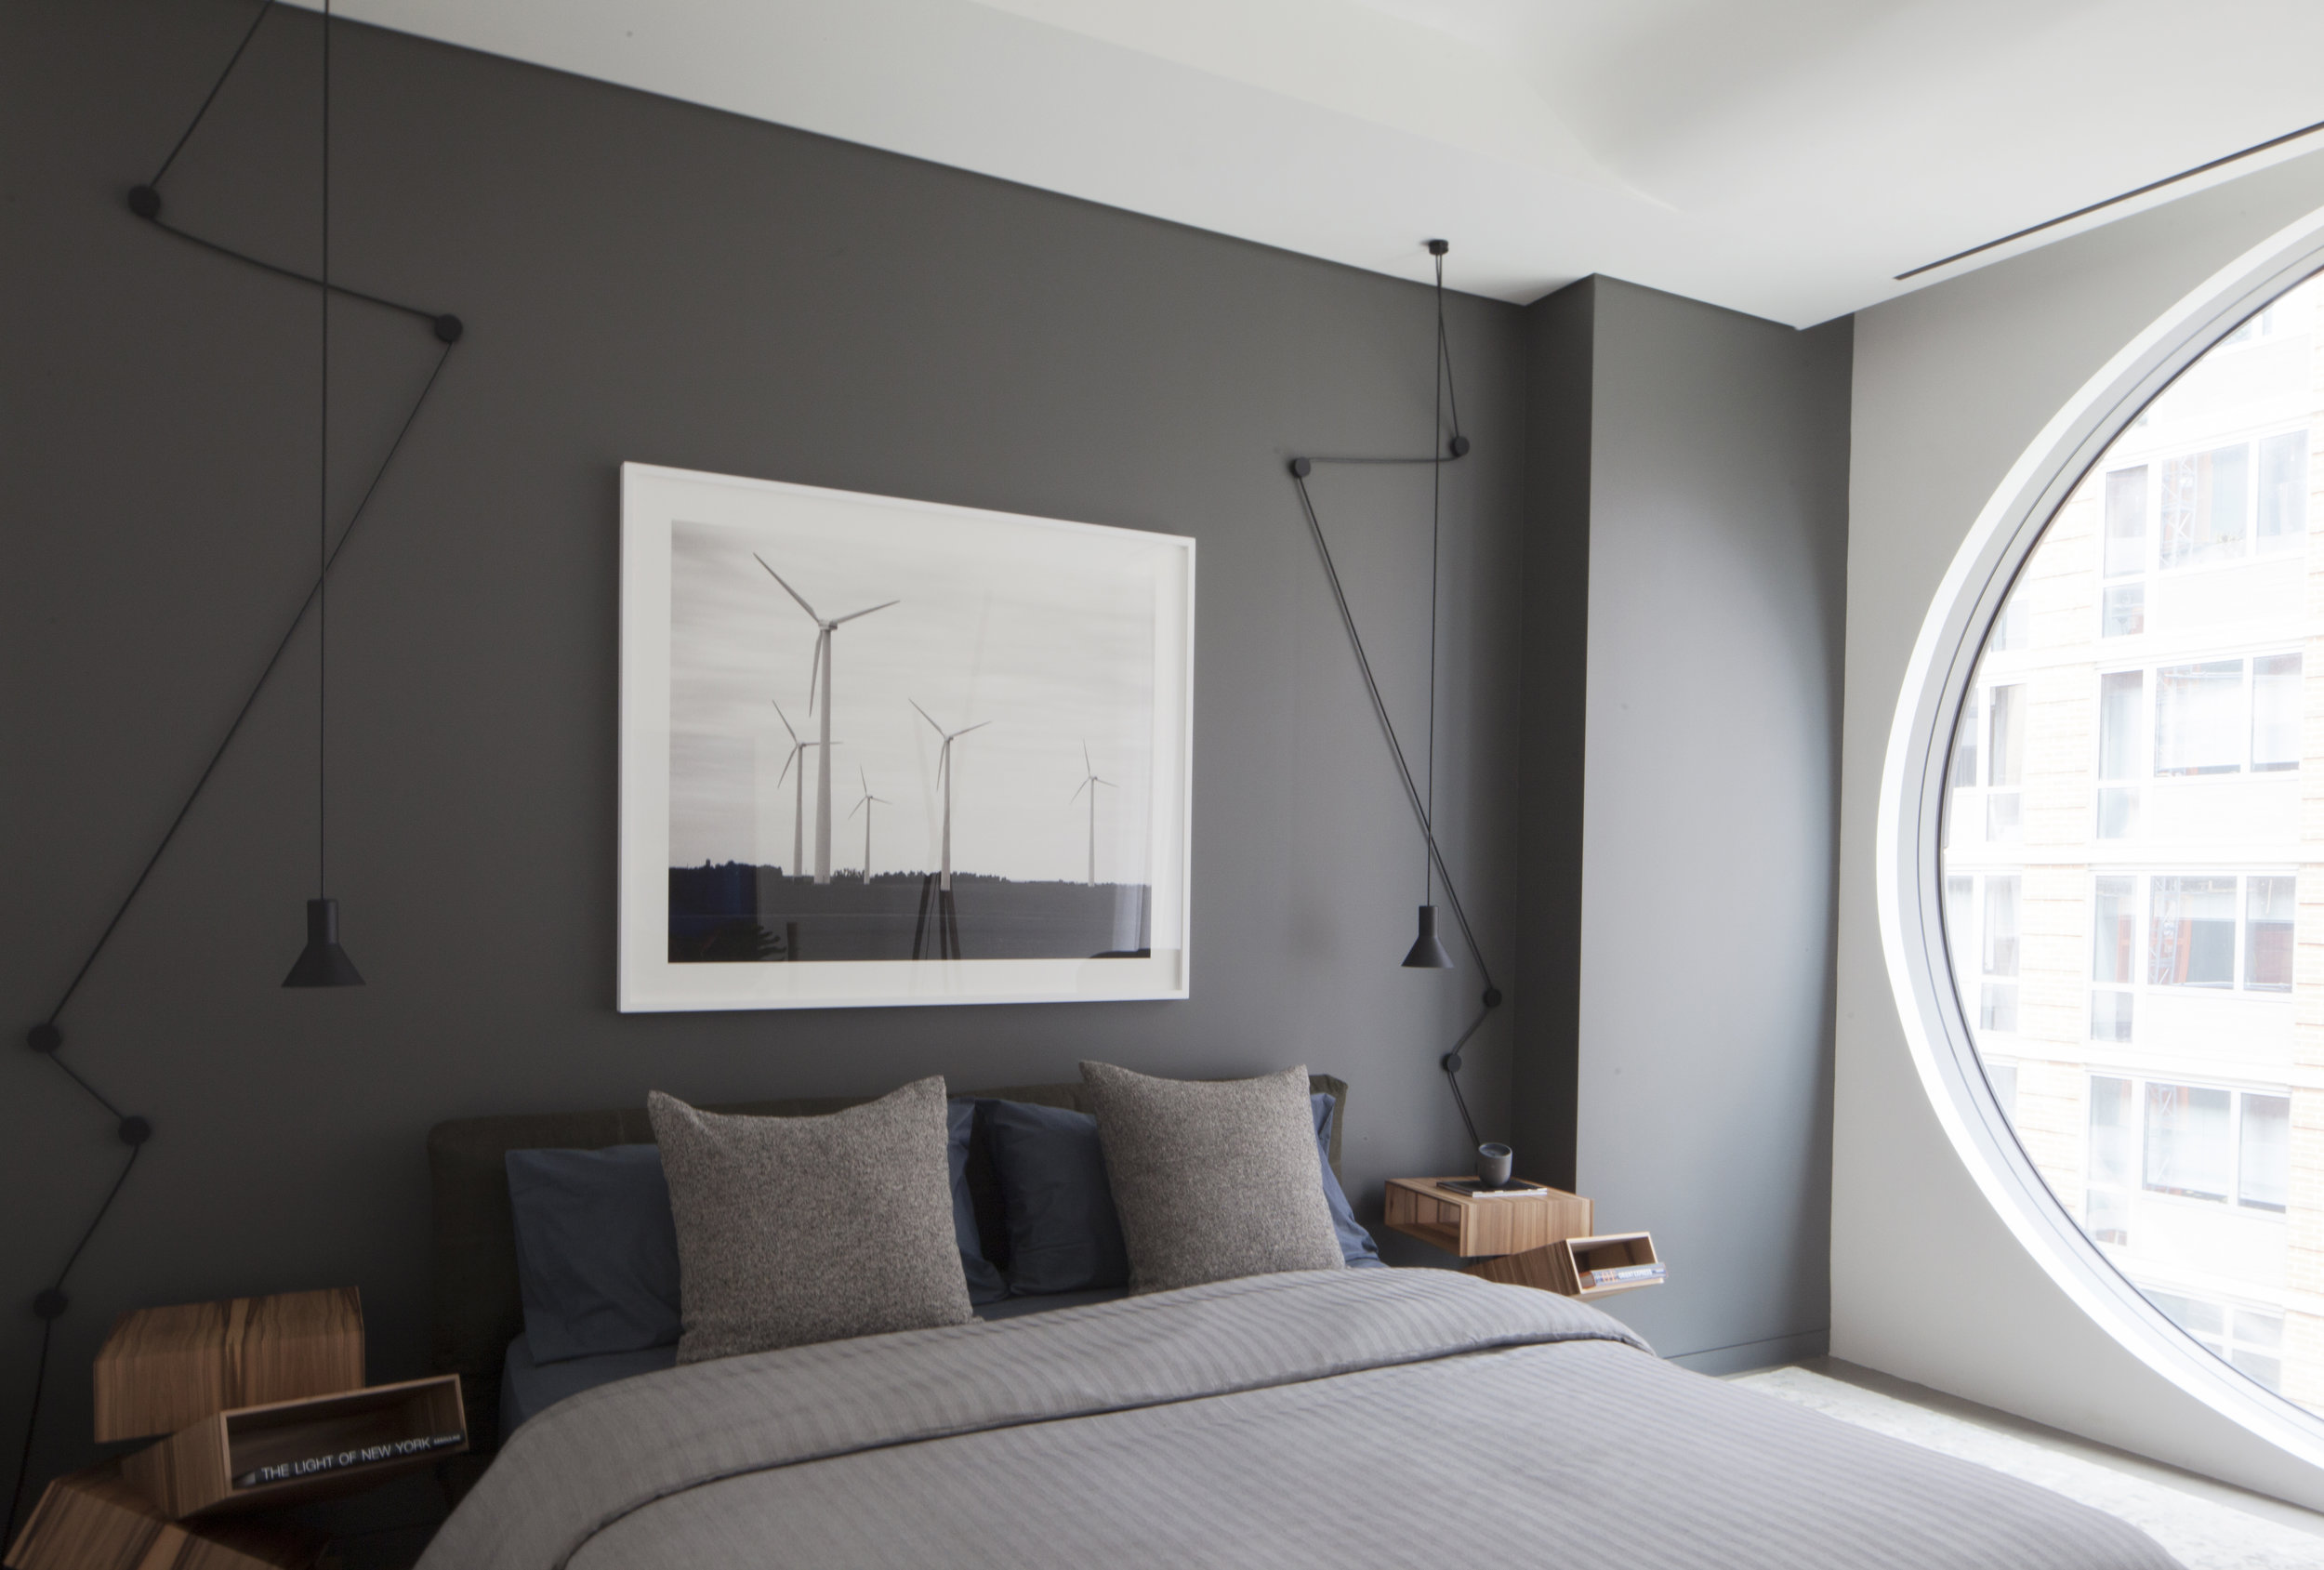 15.010 winter | New York, New York | Architect: Zahah Hadid | Interior Design: West Chin